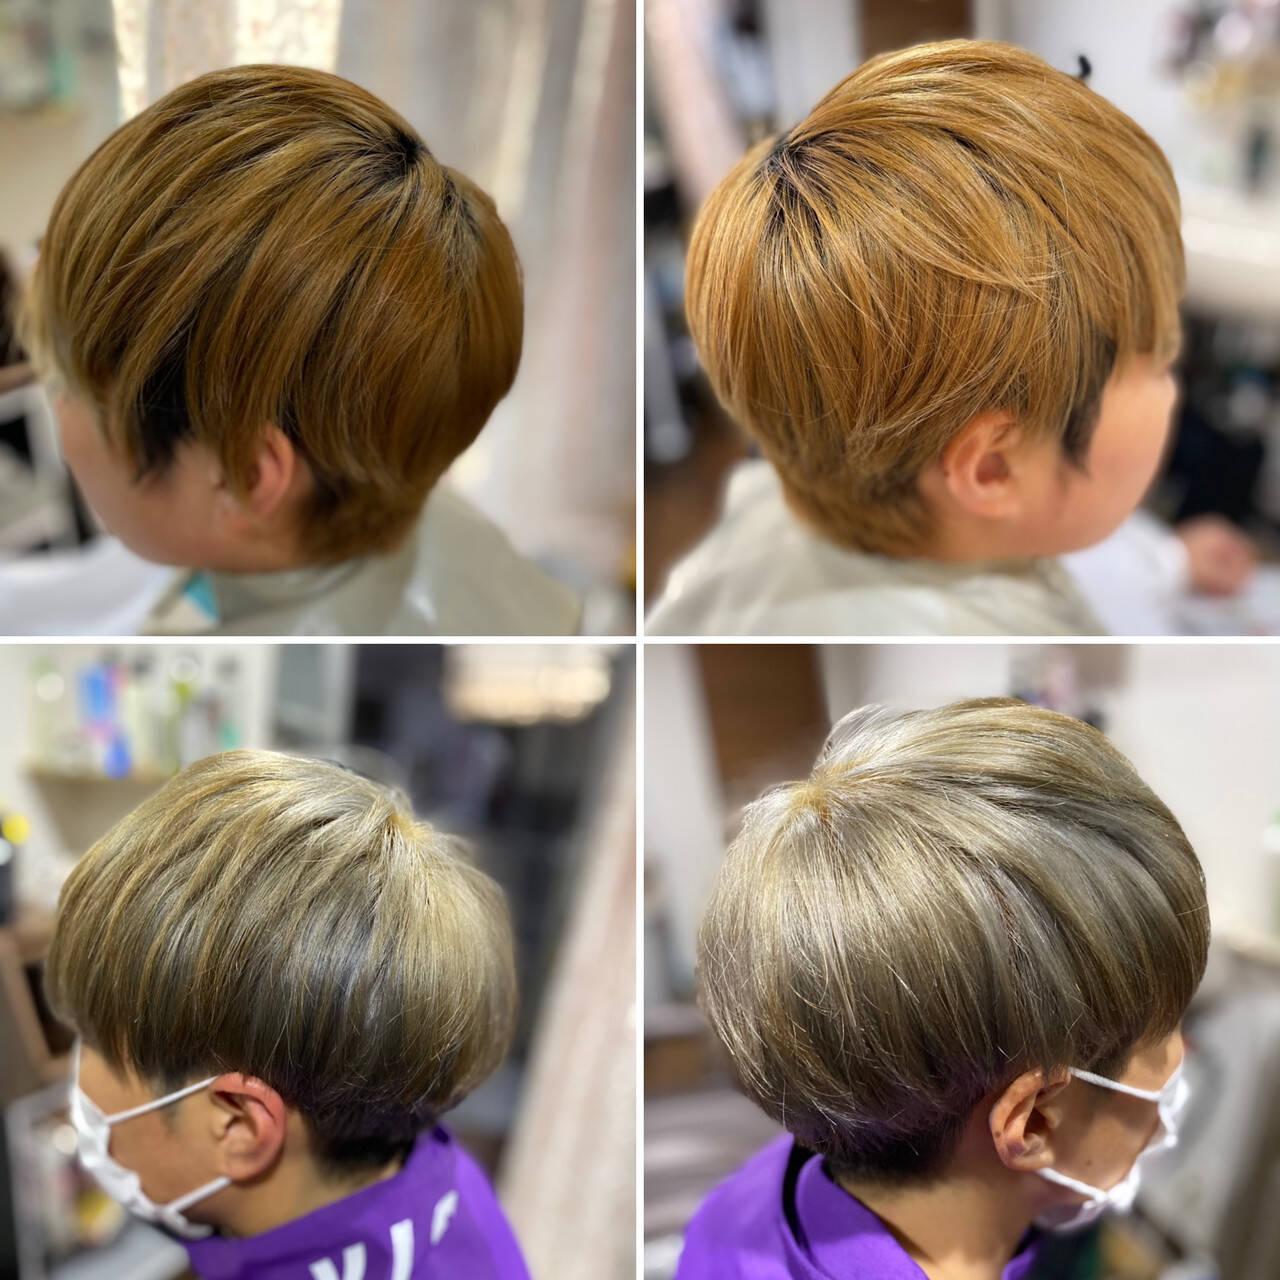 メンズカット メンズショート ストリート オリーブグレージュヘアスタイルや髪型の写真・画像